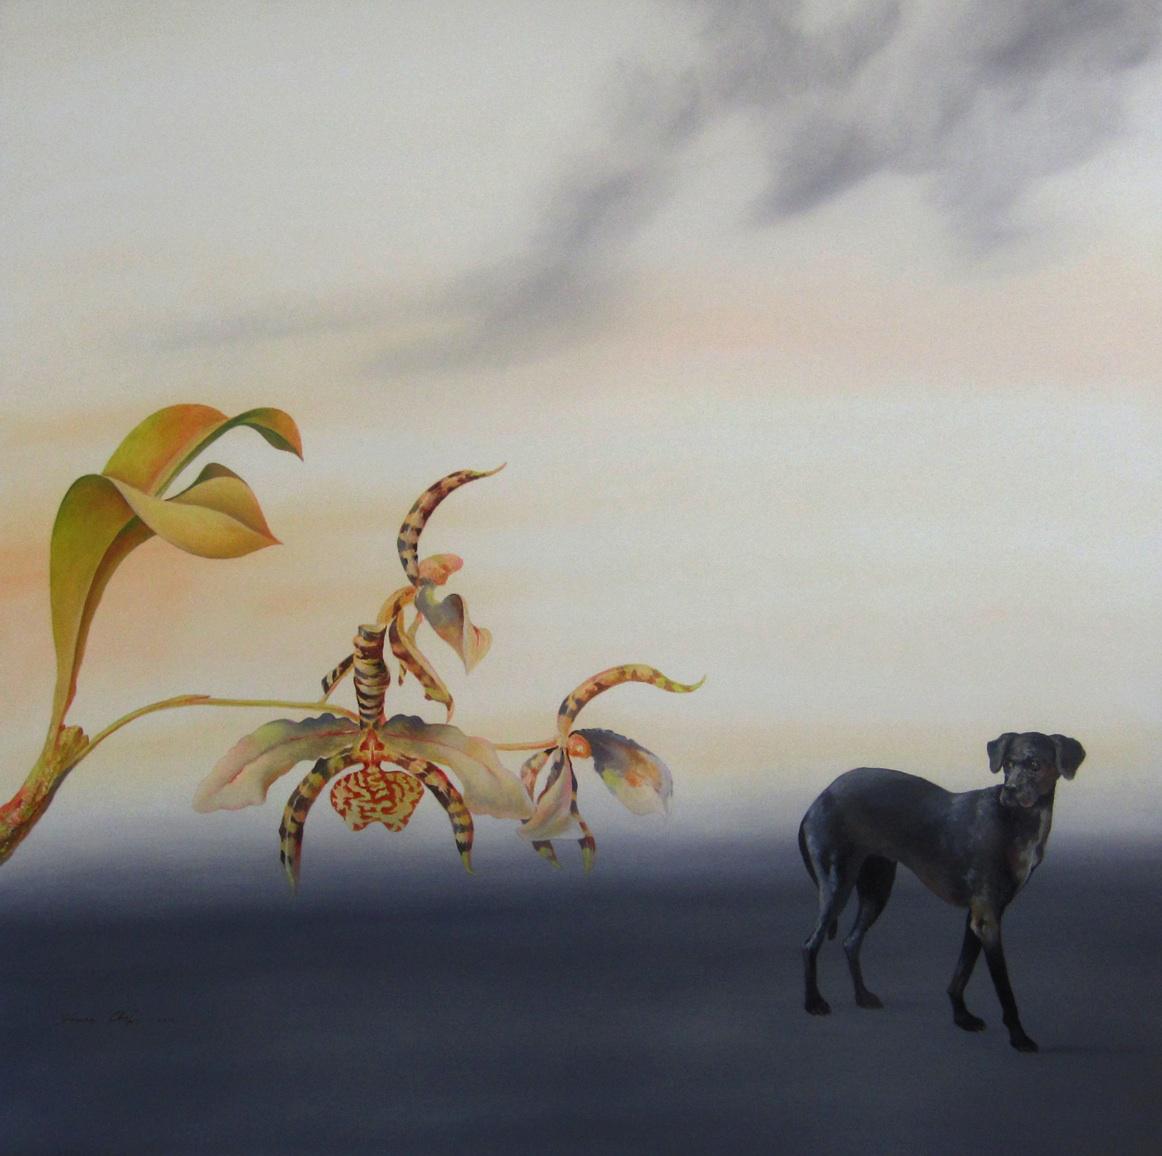 Genia Chef, Wild Orchid, 2013